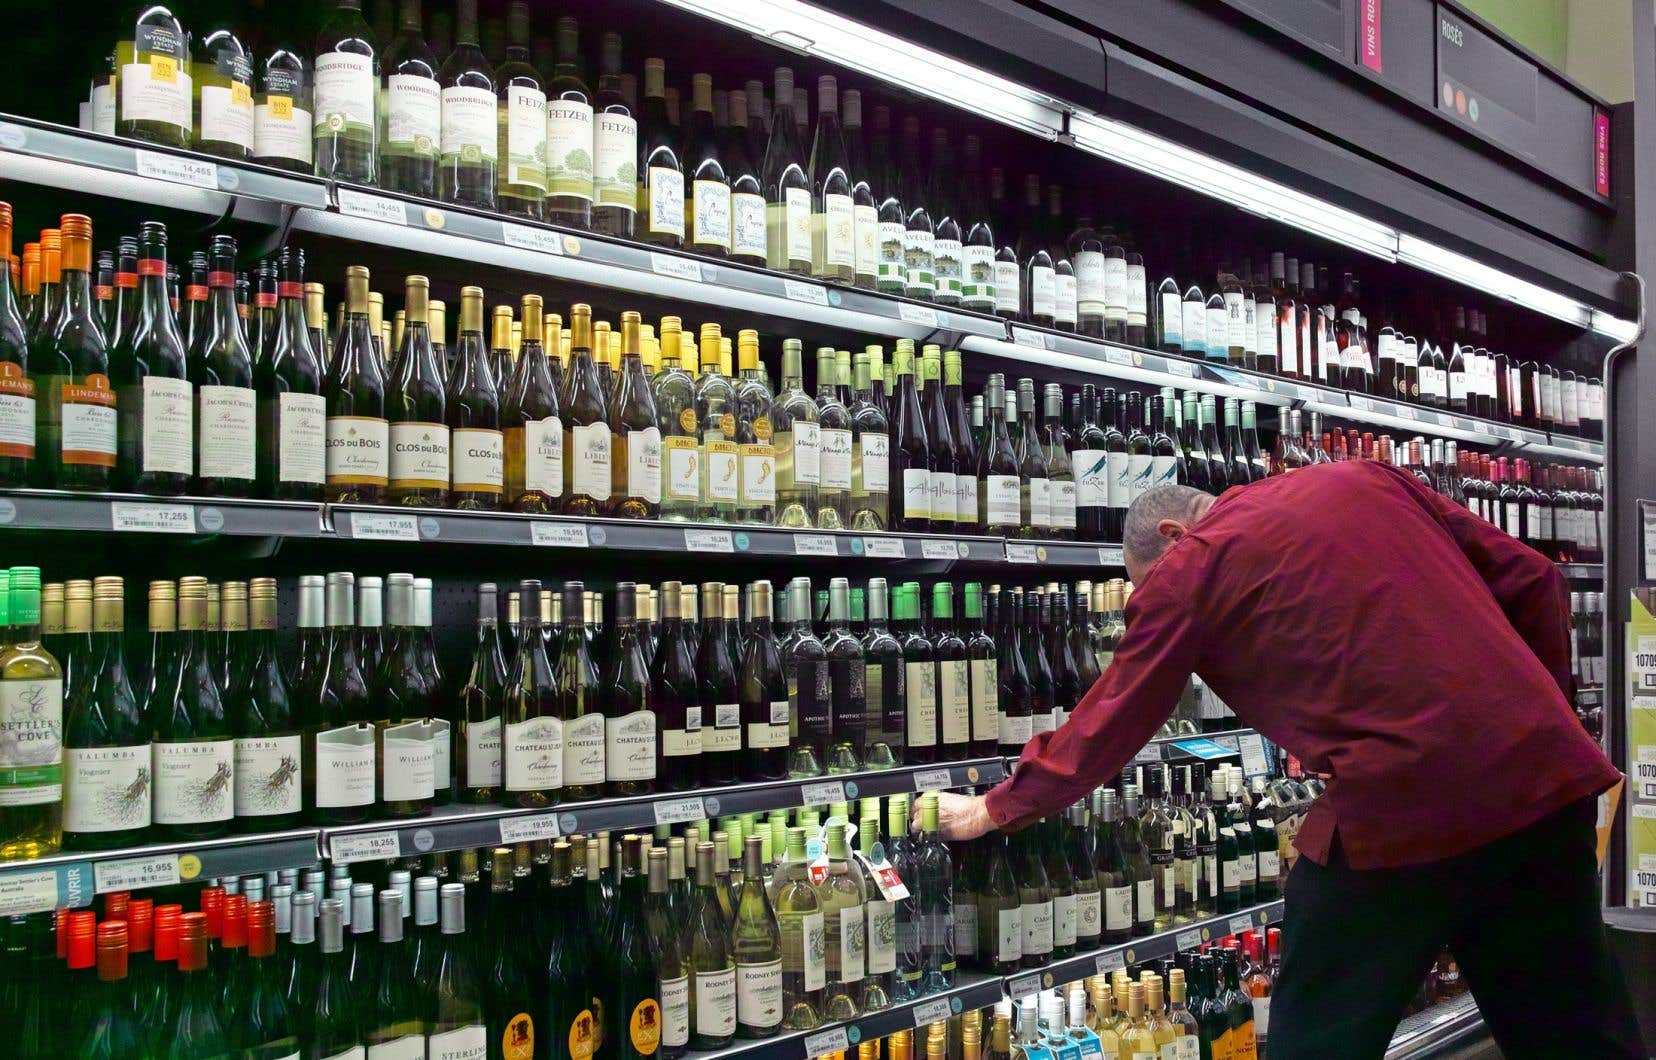 La vraie problématique n'est pas idéologique: c'est à la base une question de plaisir du vin et de diversité.